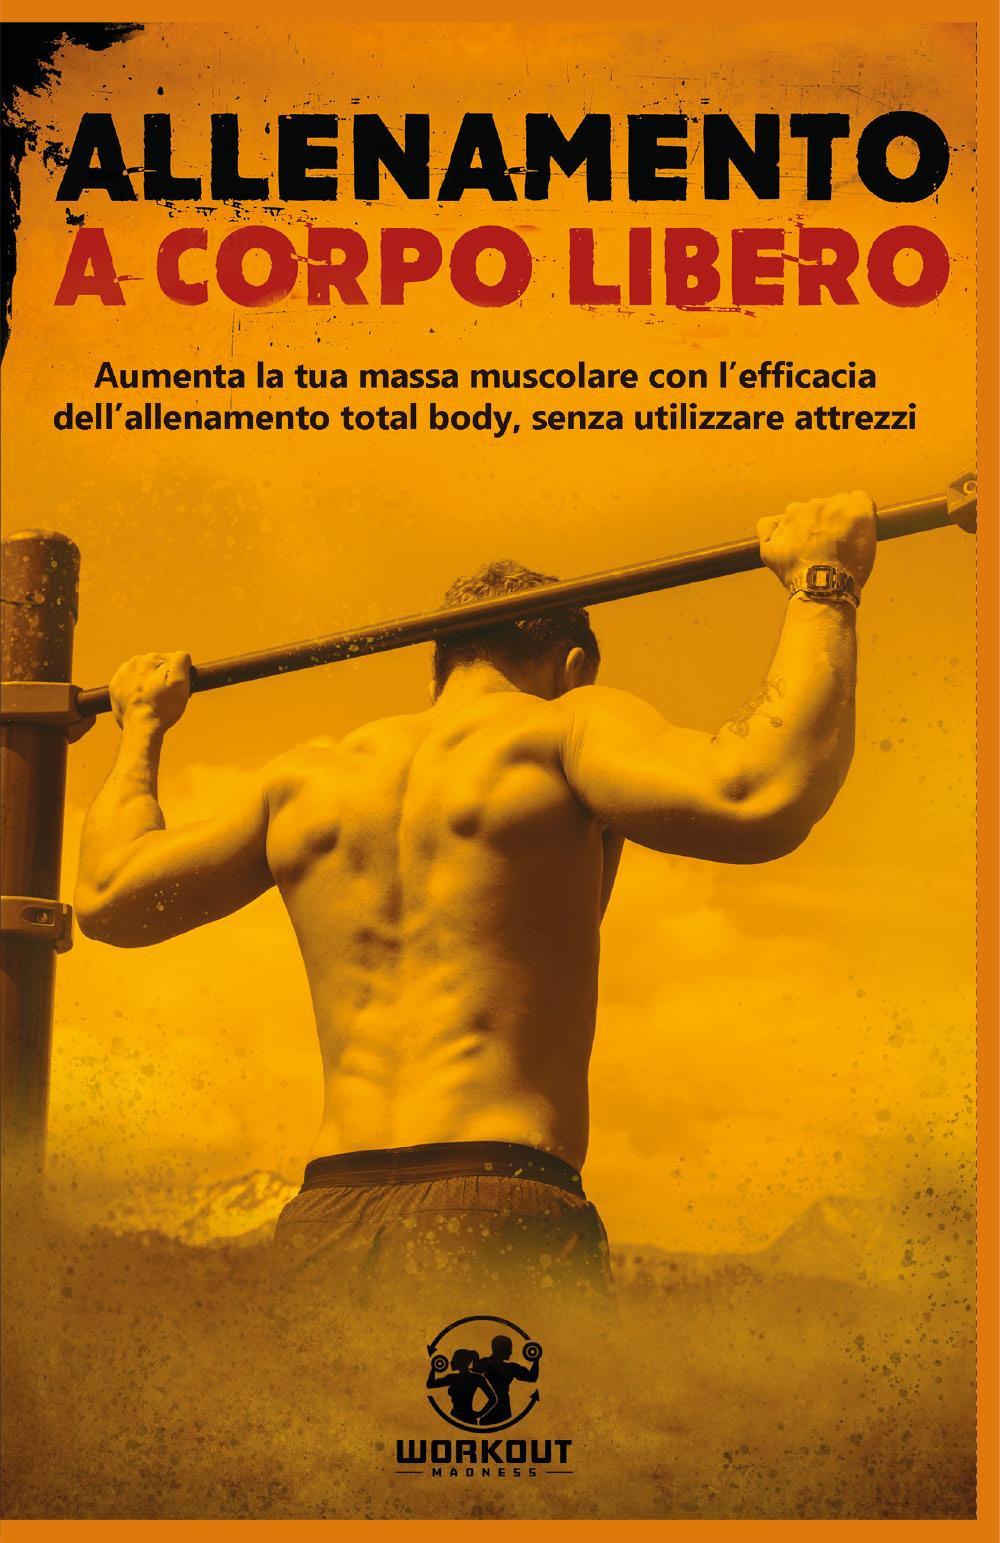 Allenamento a Corpo Libero: Aumenta la tua massa muscolare con l'efficacia dell'allenamento total body, senza utilizzare attrezzi